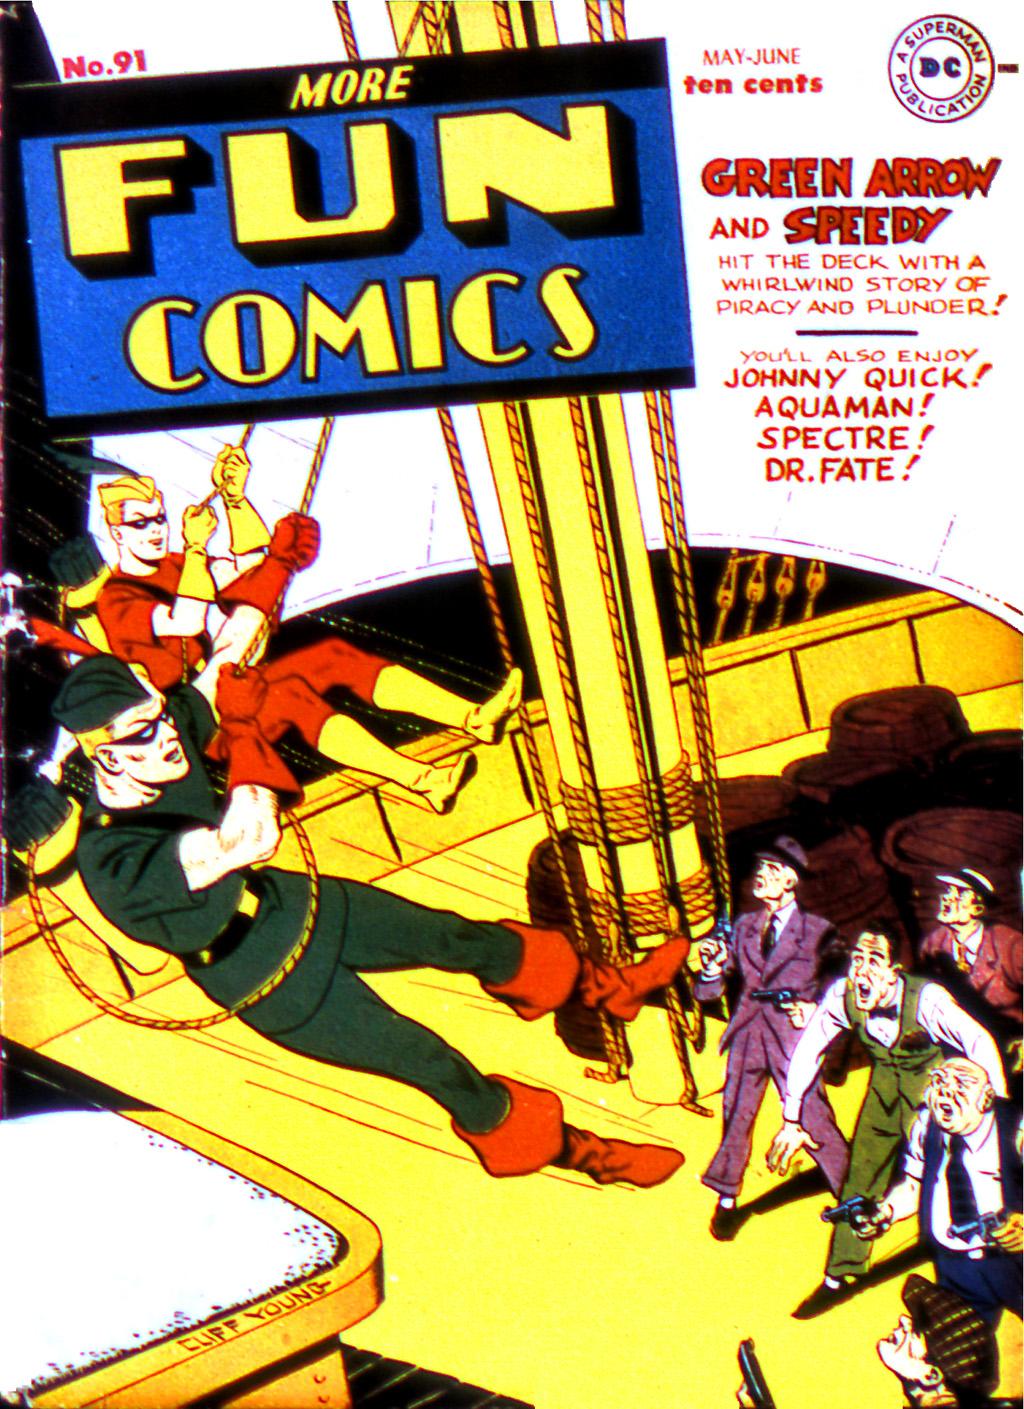 More Fun Comics 91 Page 1